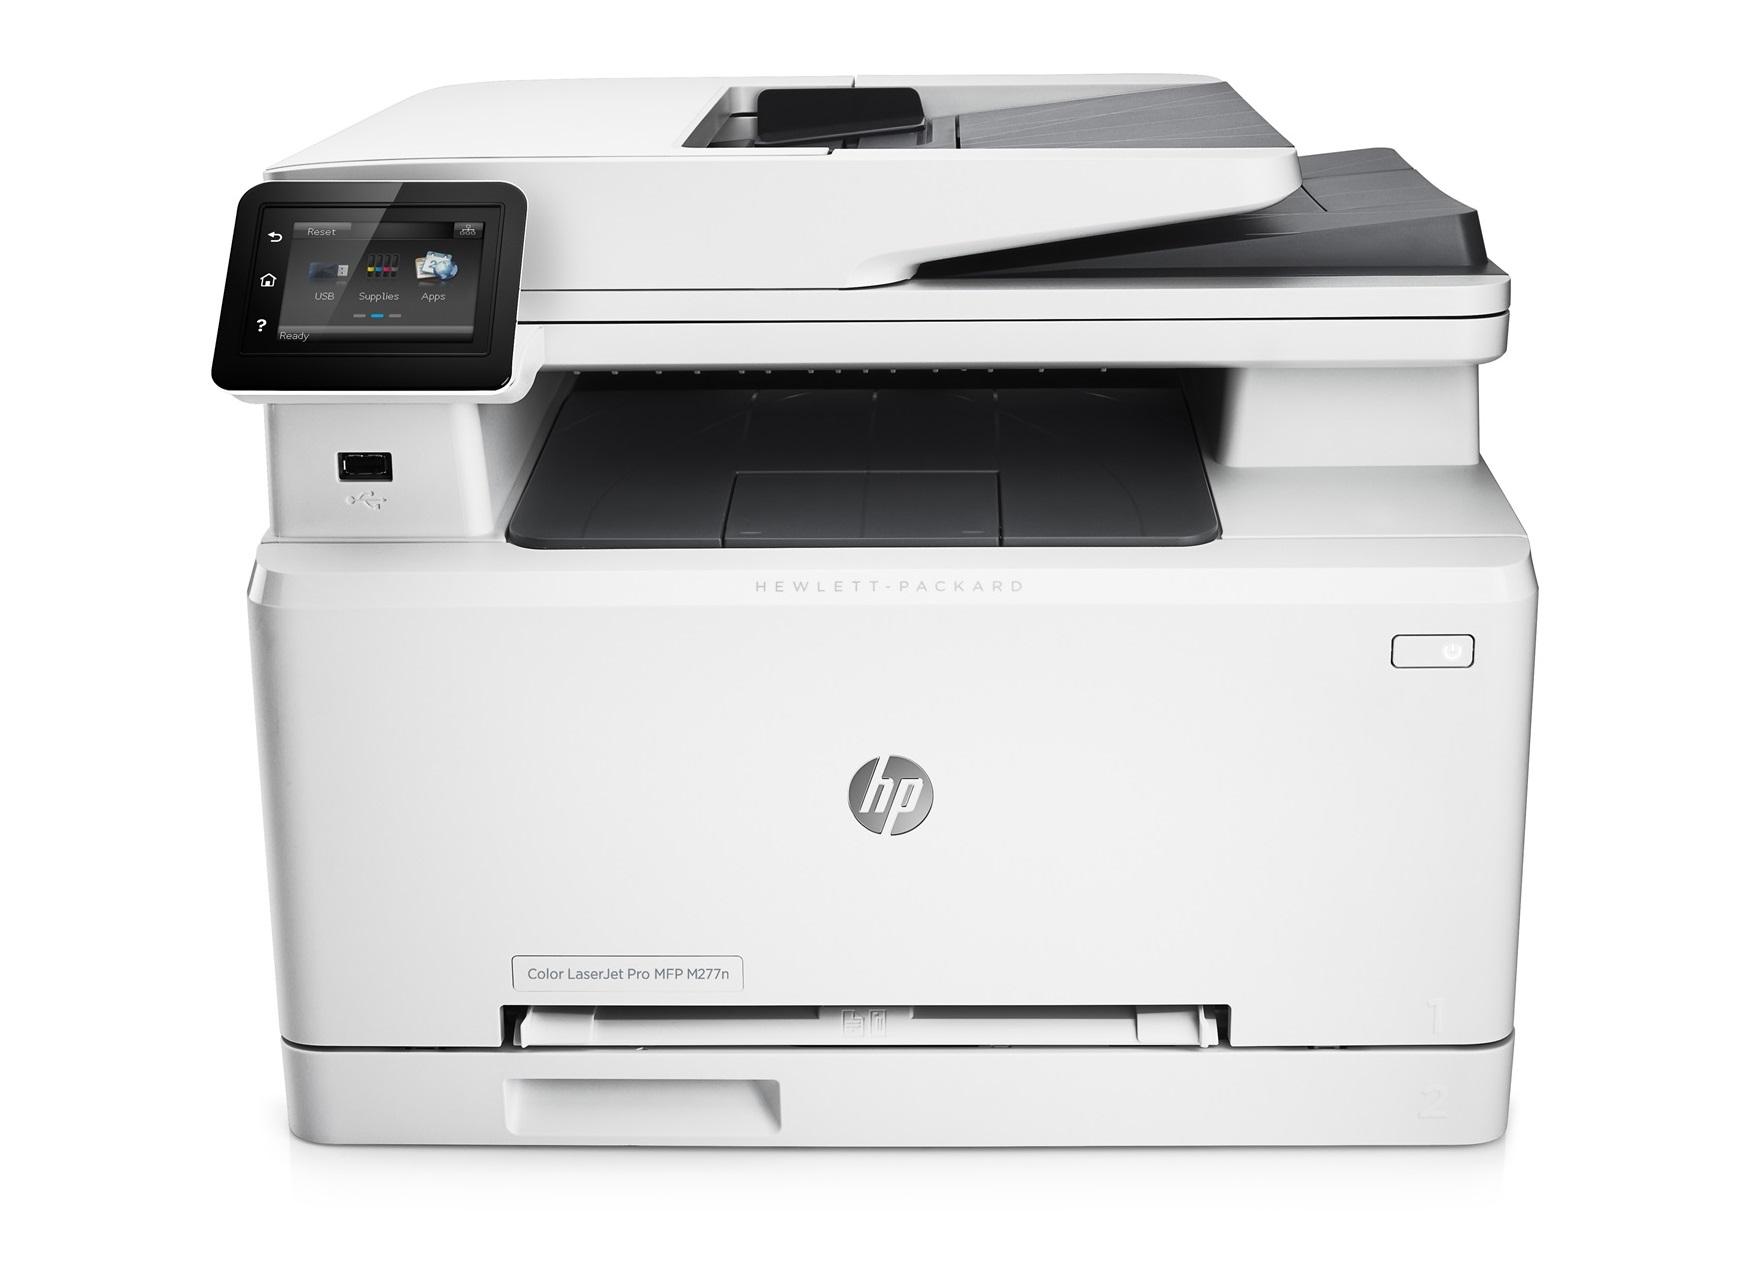 HP LaserJet Color Pro MFP M277n-01